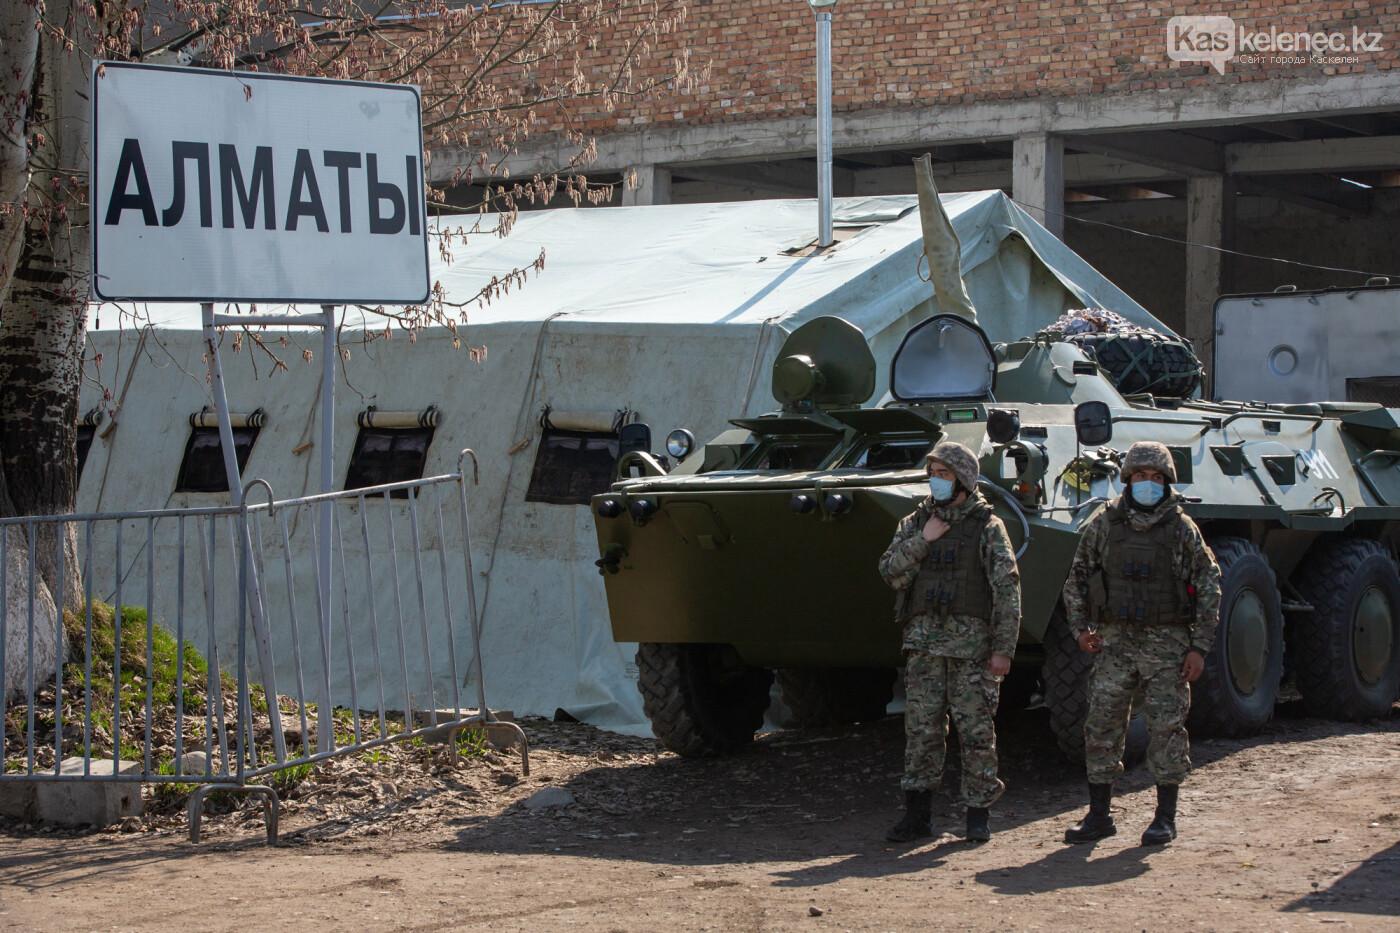 Блокпосты Алматинской области: за сутки задержаны 12 человек за нарушение режима ЧП, фото-1